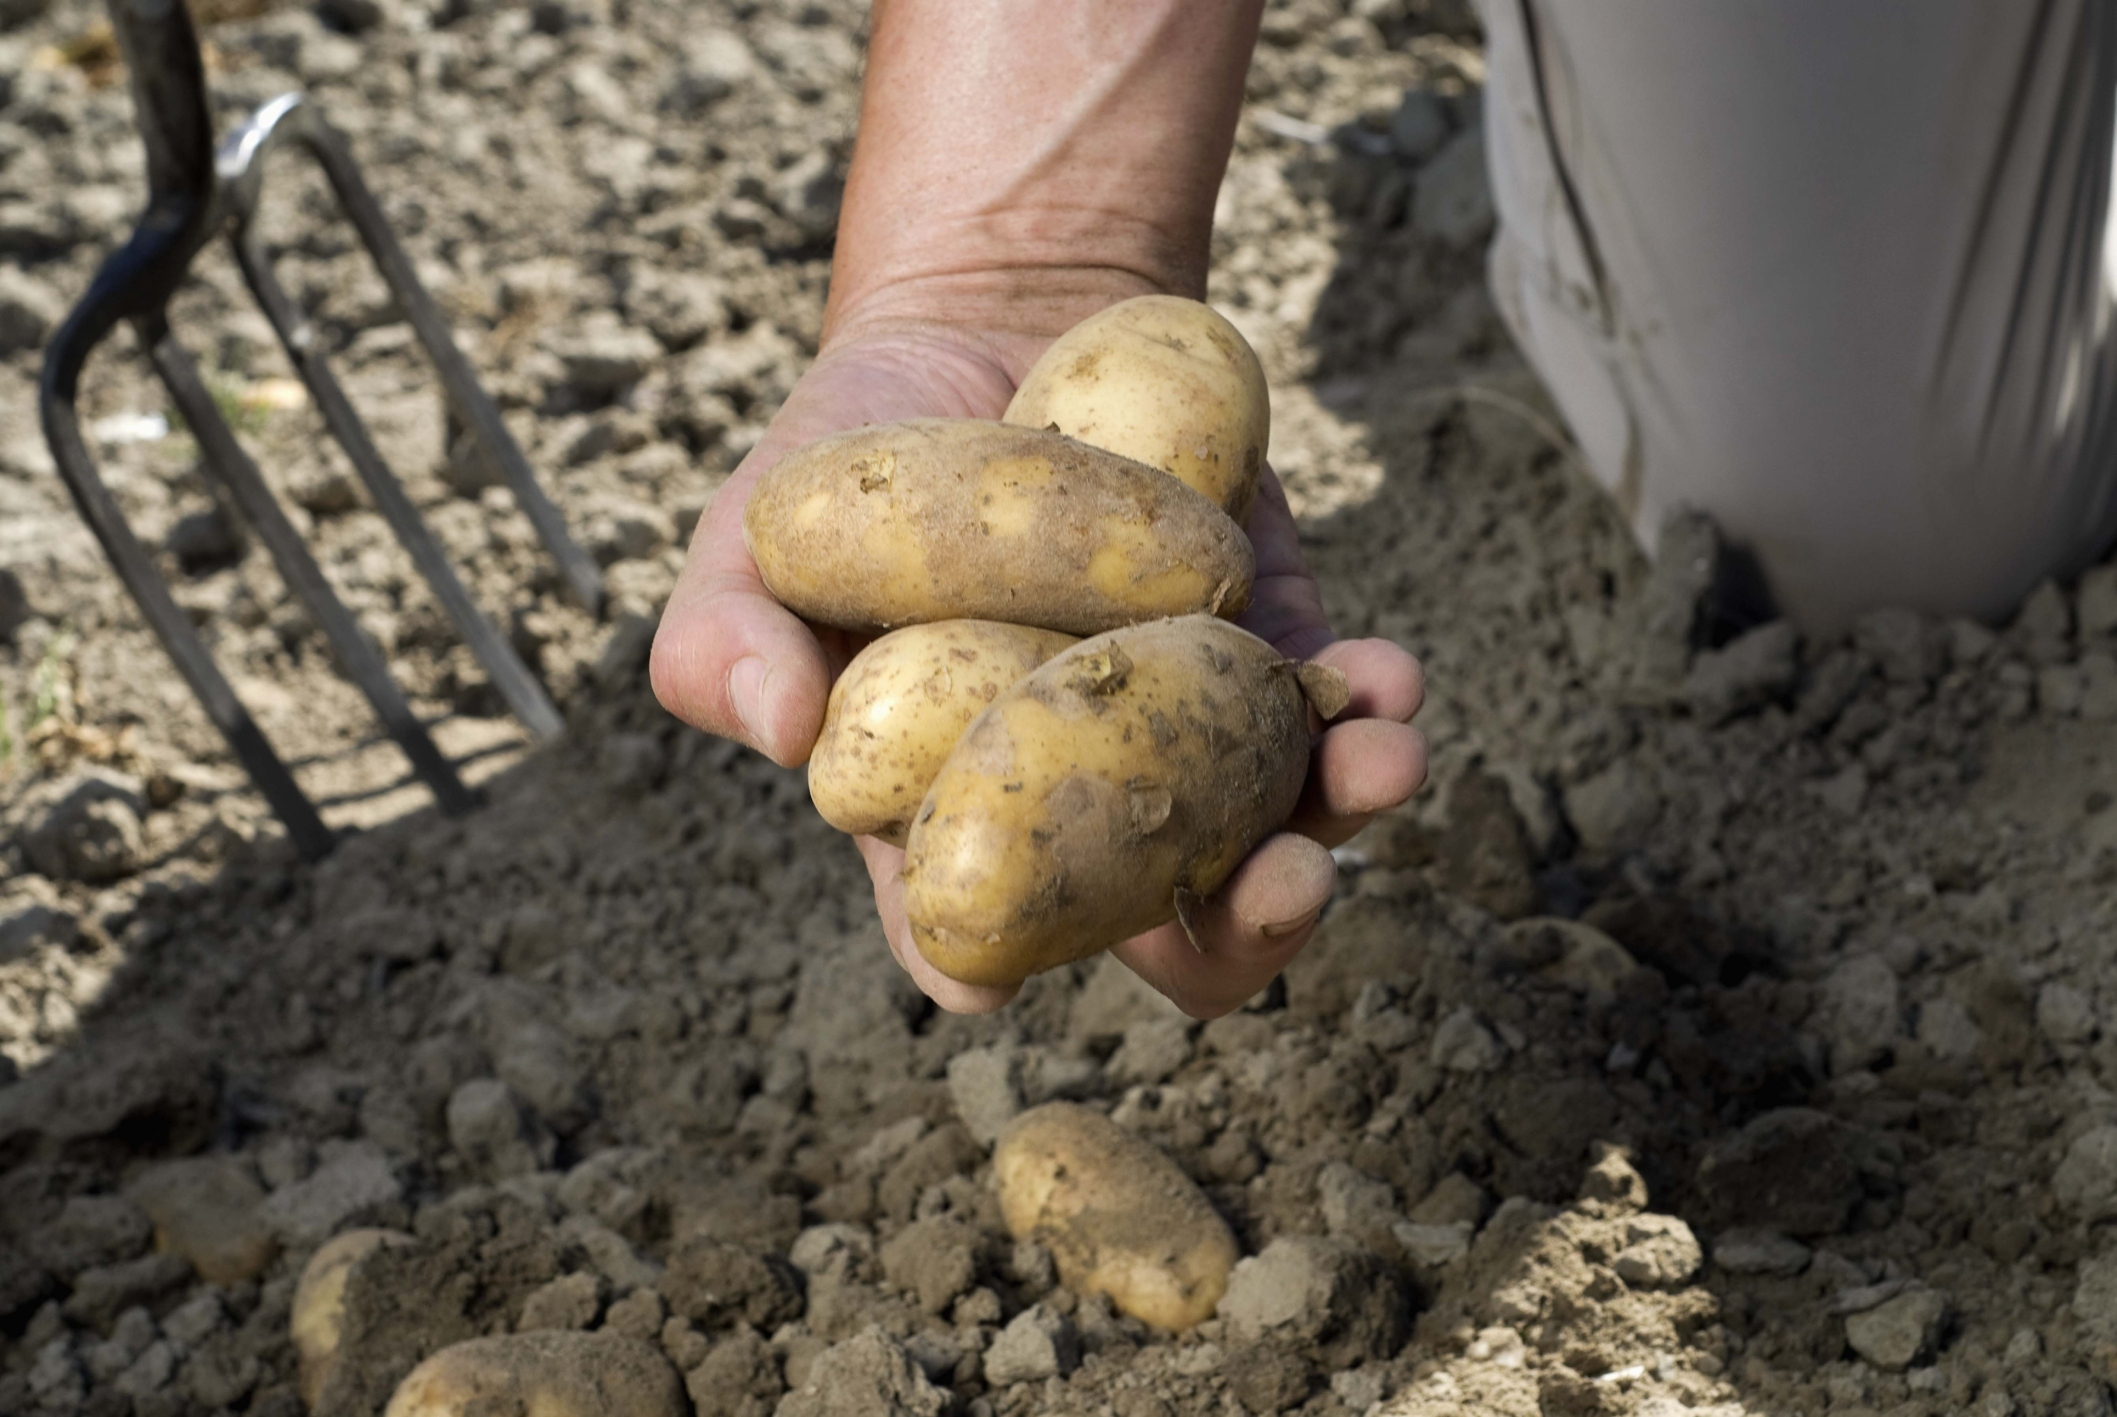 Сонник копать картошку крупную